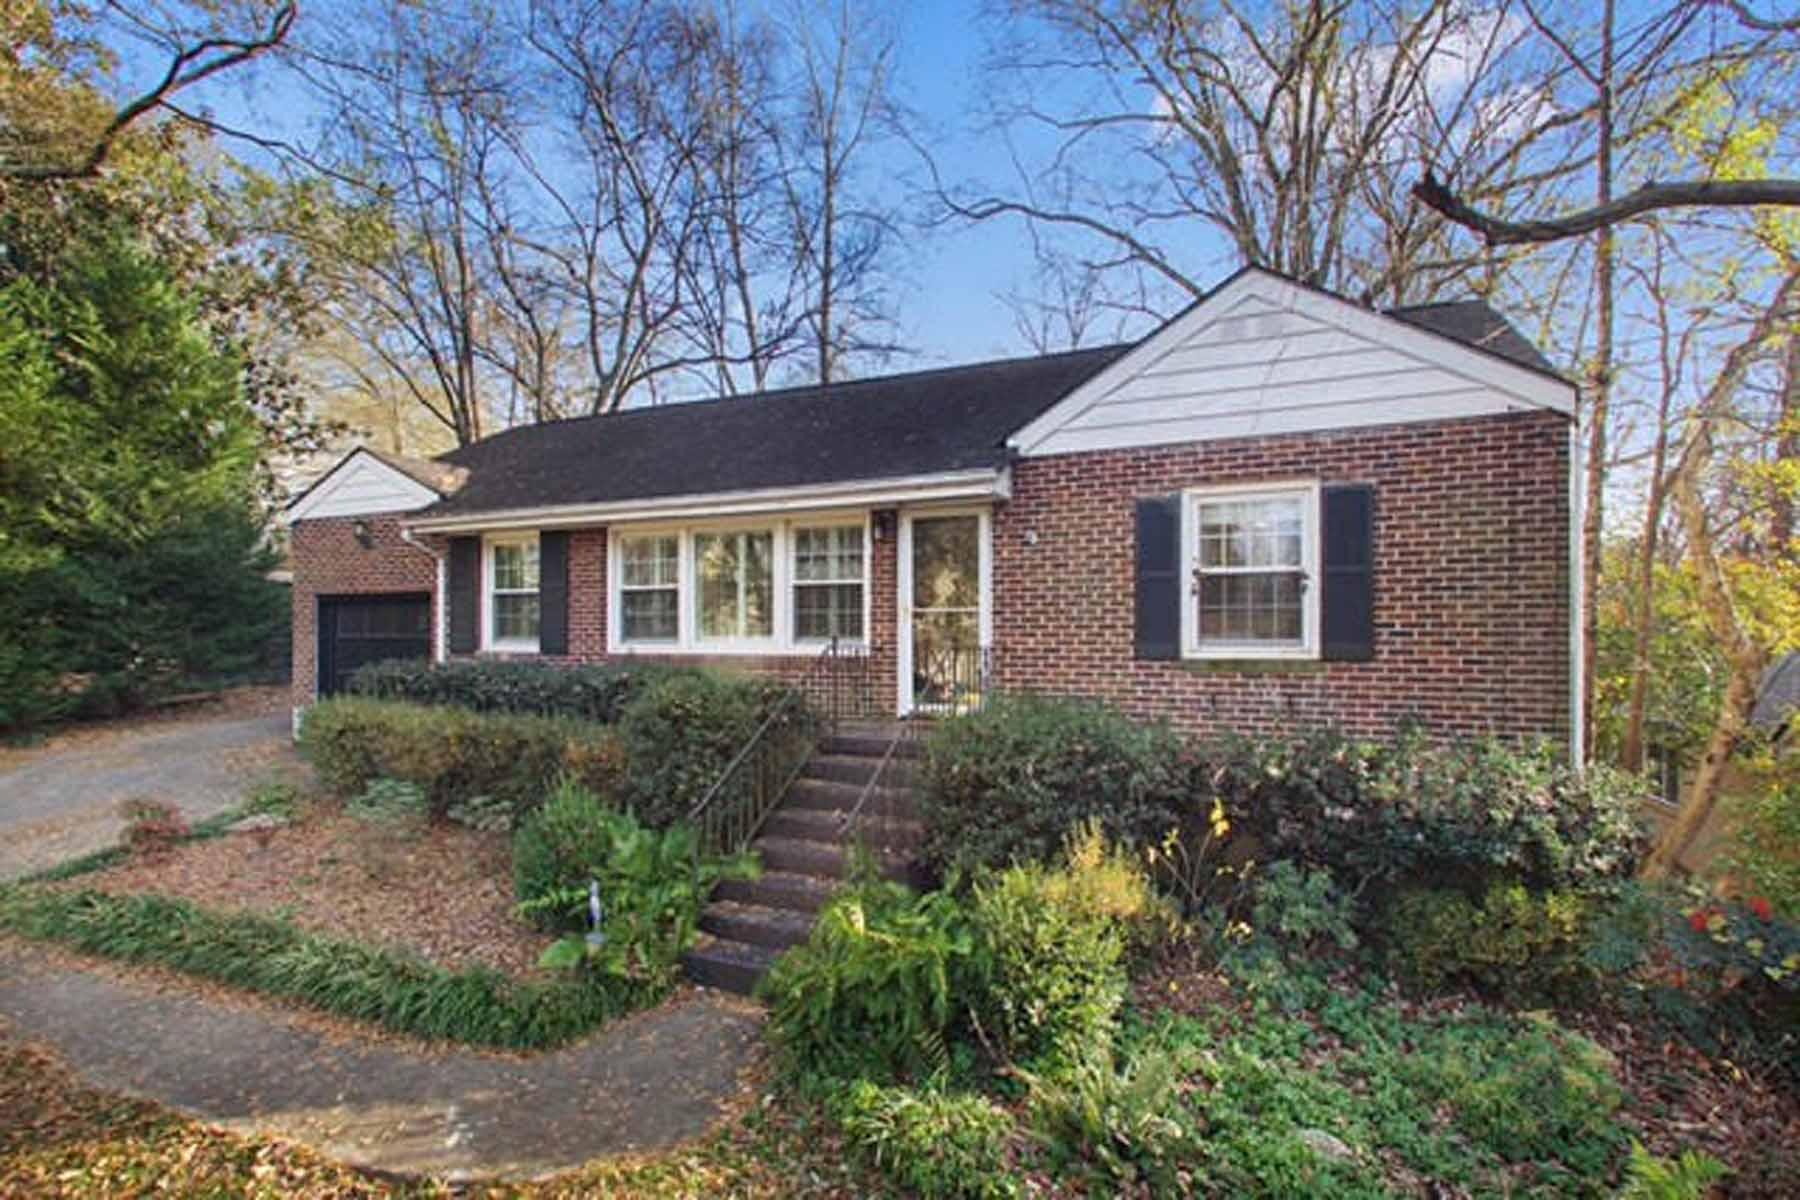 一戸建て のために 売買 アット Virginia Highland 1347 Chalmette Drive NE Virginia Highland, Atlanta, ジョージア 30306 アメリカ合衆国